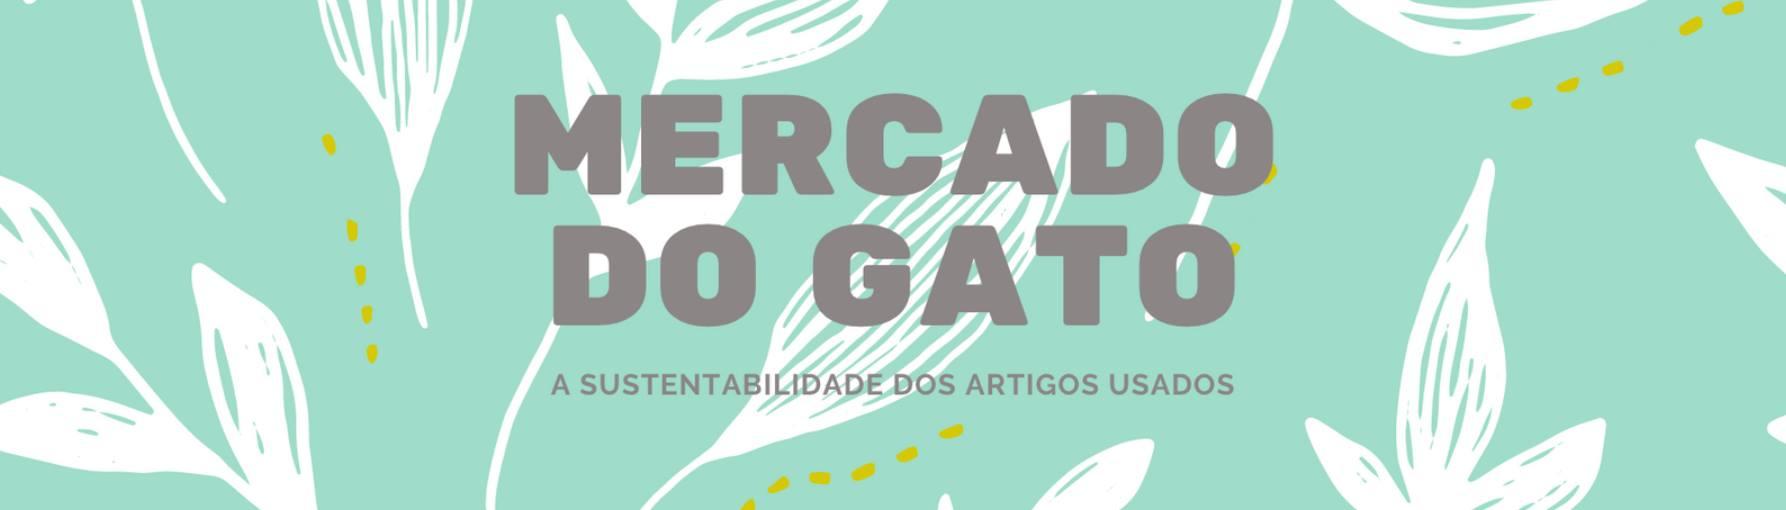 MERCADO DO GATO